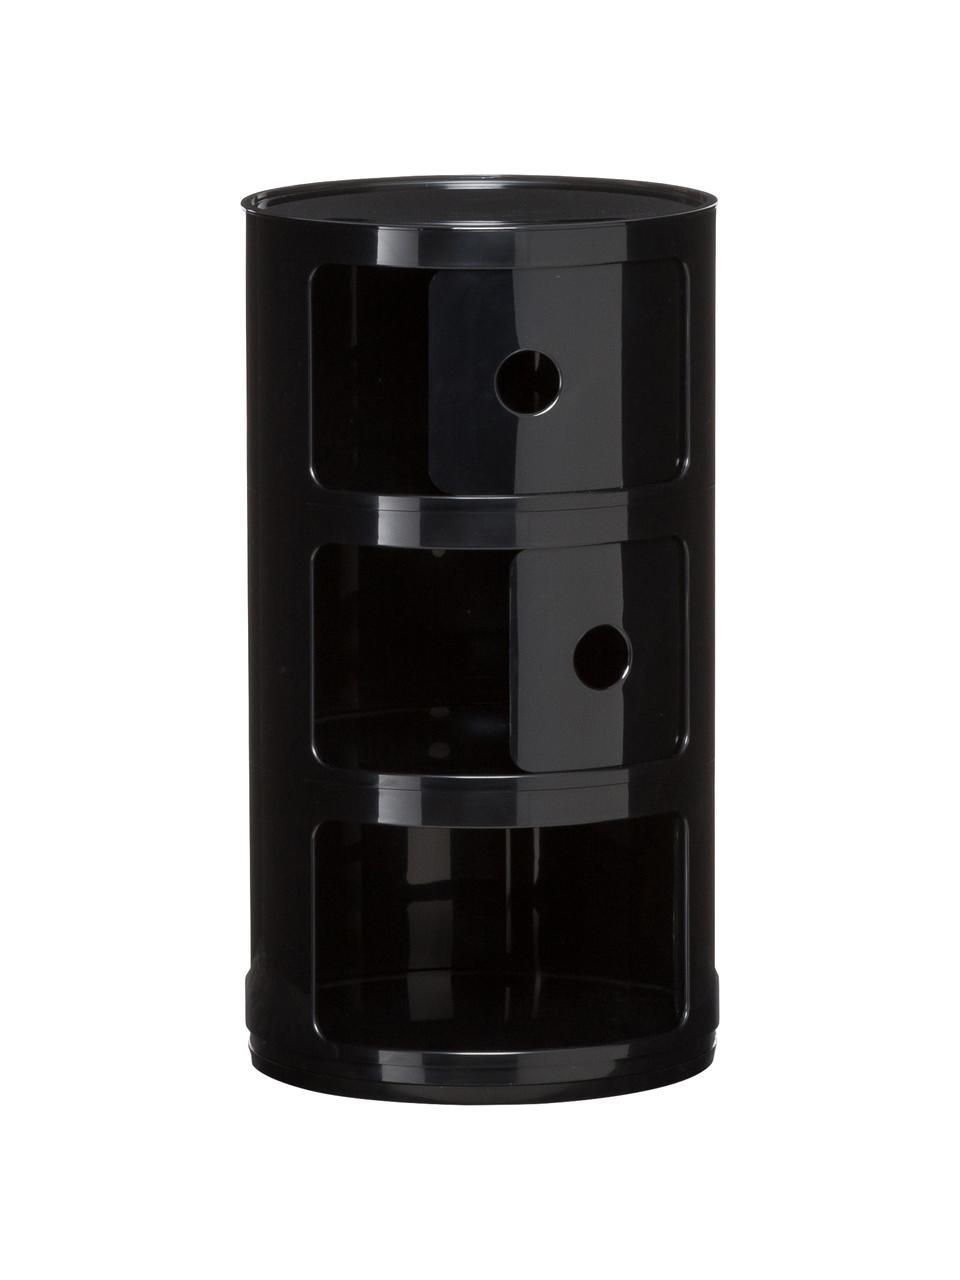 Design Container Componibili 3 Fächer, Kunststoff, Schwarz, glänzend, Ø 32 x H 59 cm